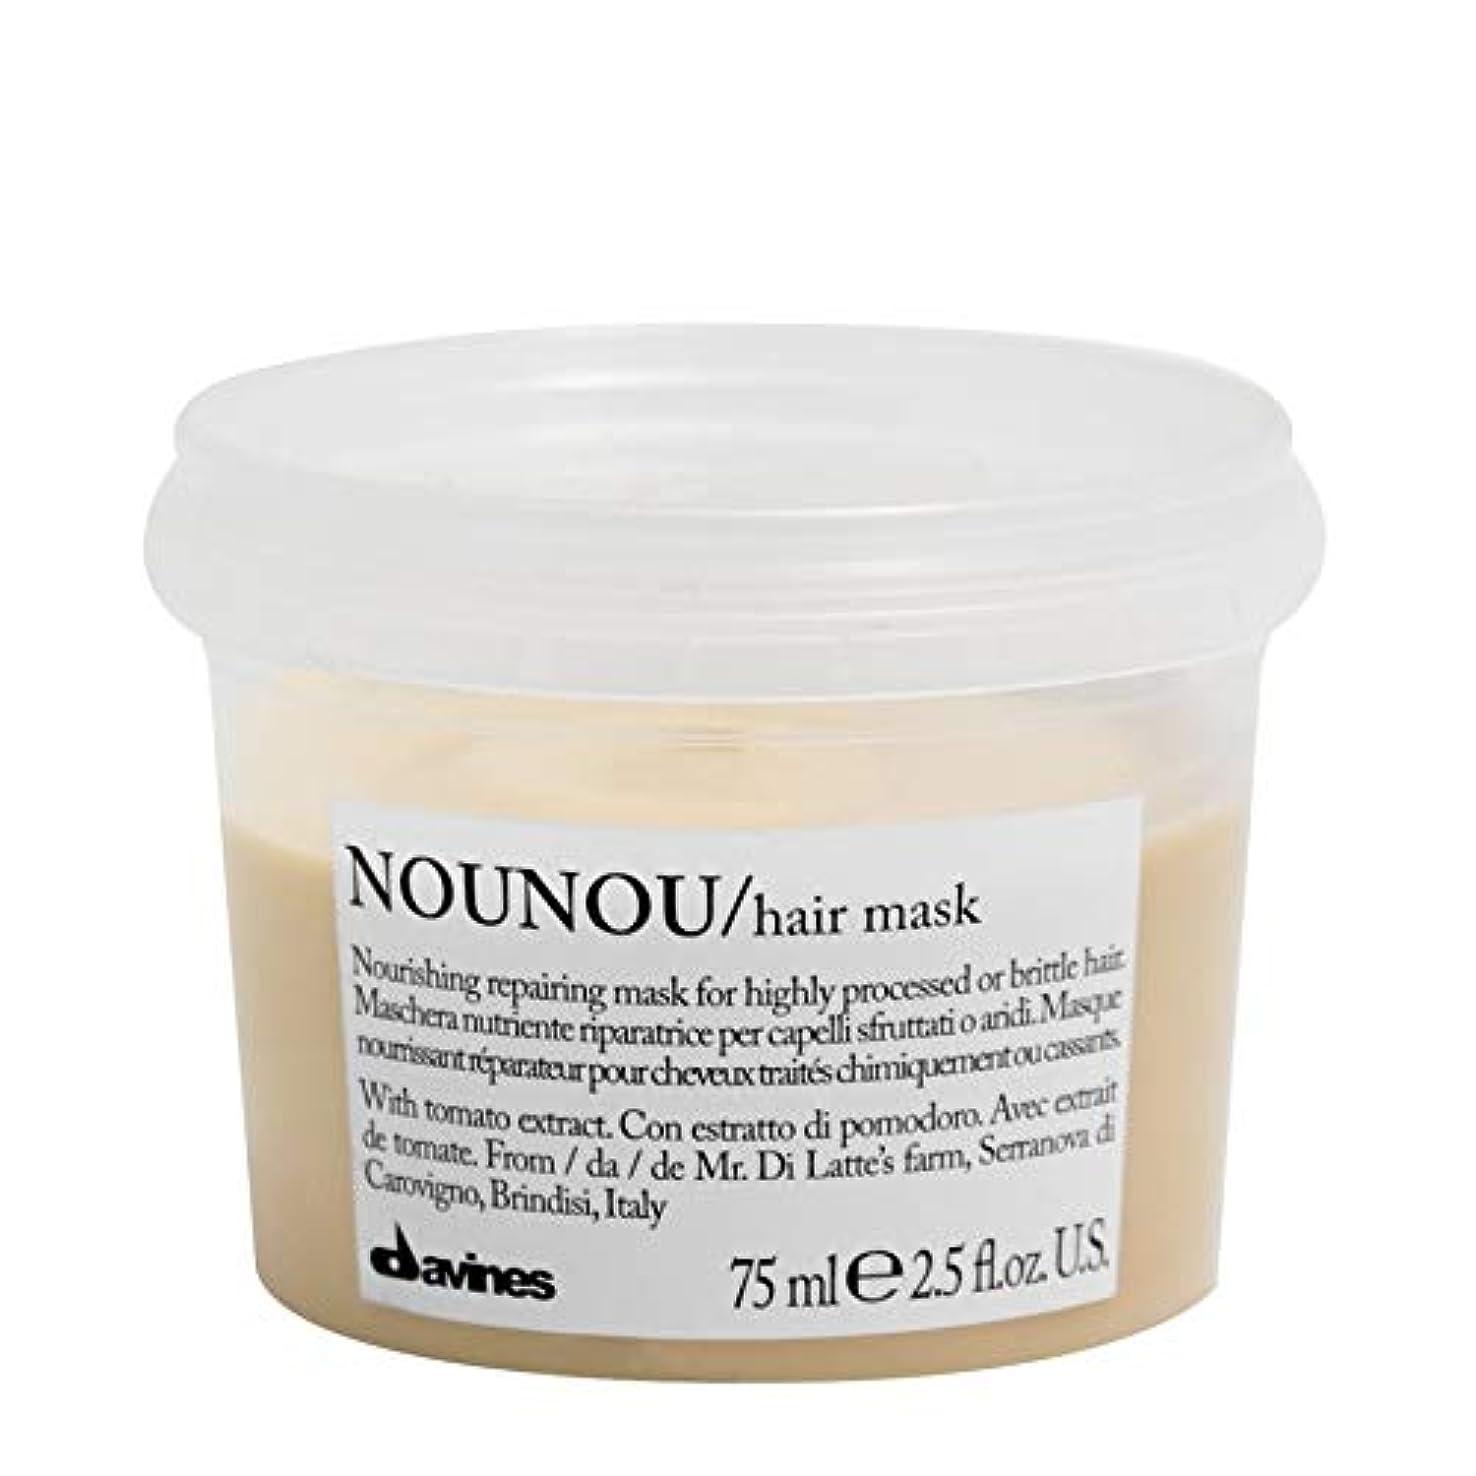 ゲートプレゼン好ましい[Davines ] ヘアマスク75ミリリットルノウノウダヴィネス - Davines NouNou Hair Mask 75ml [並行輸入品]